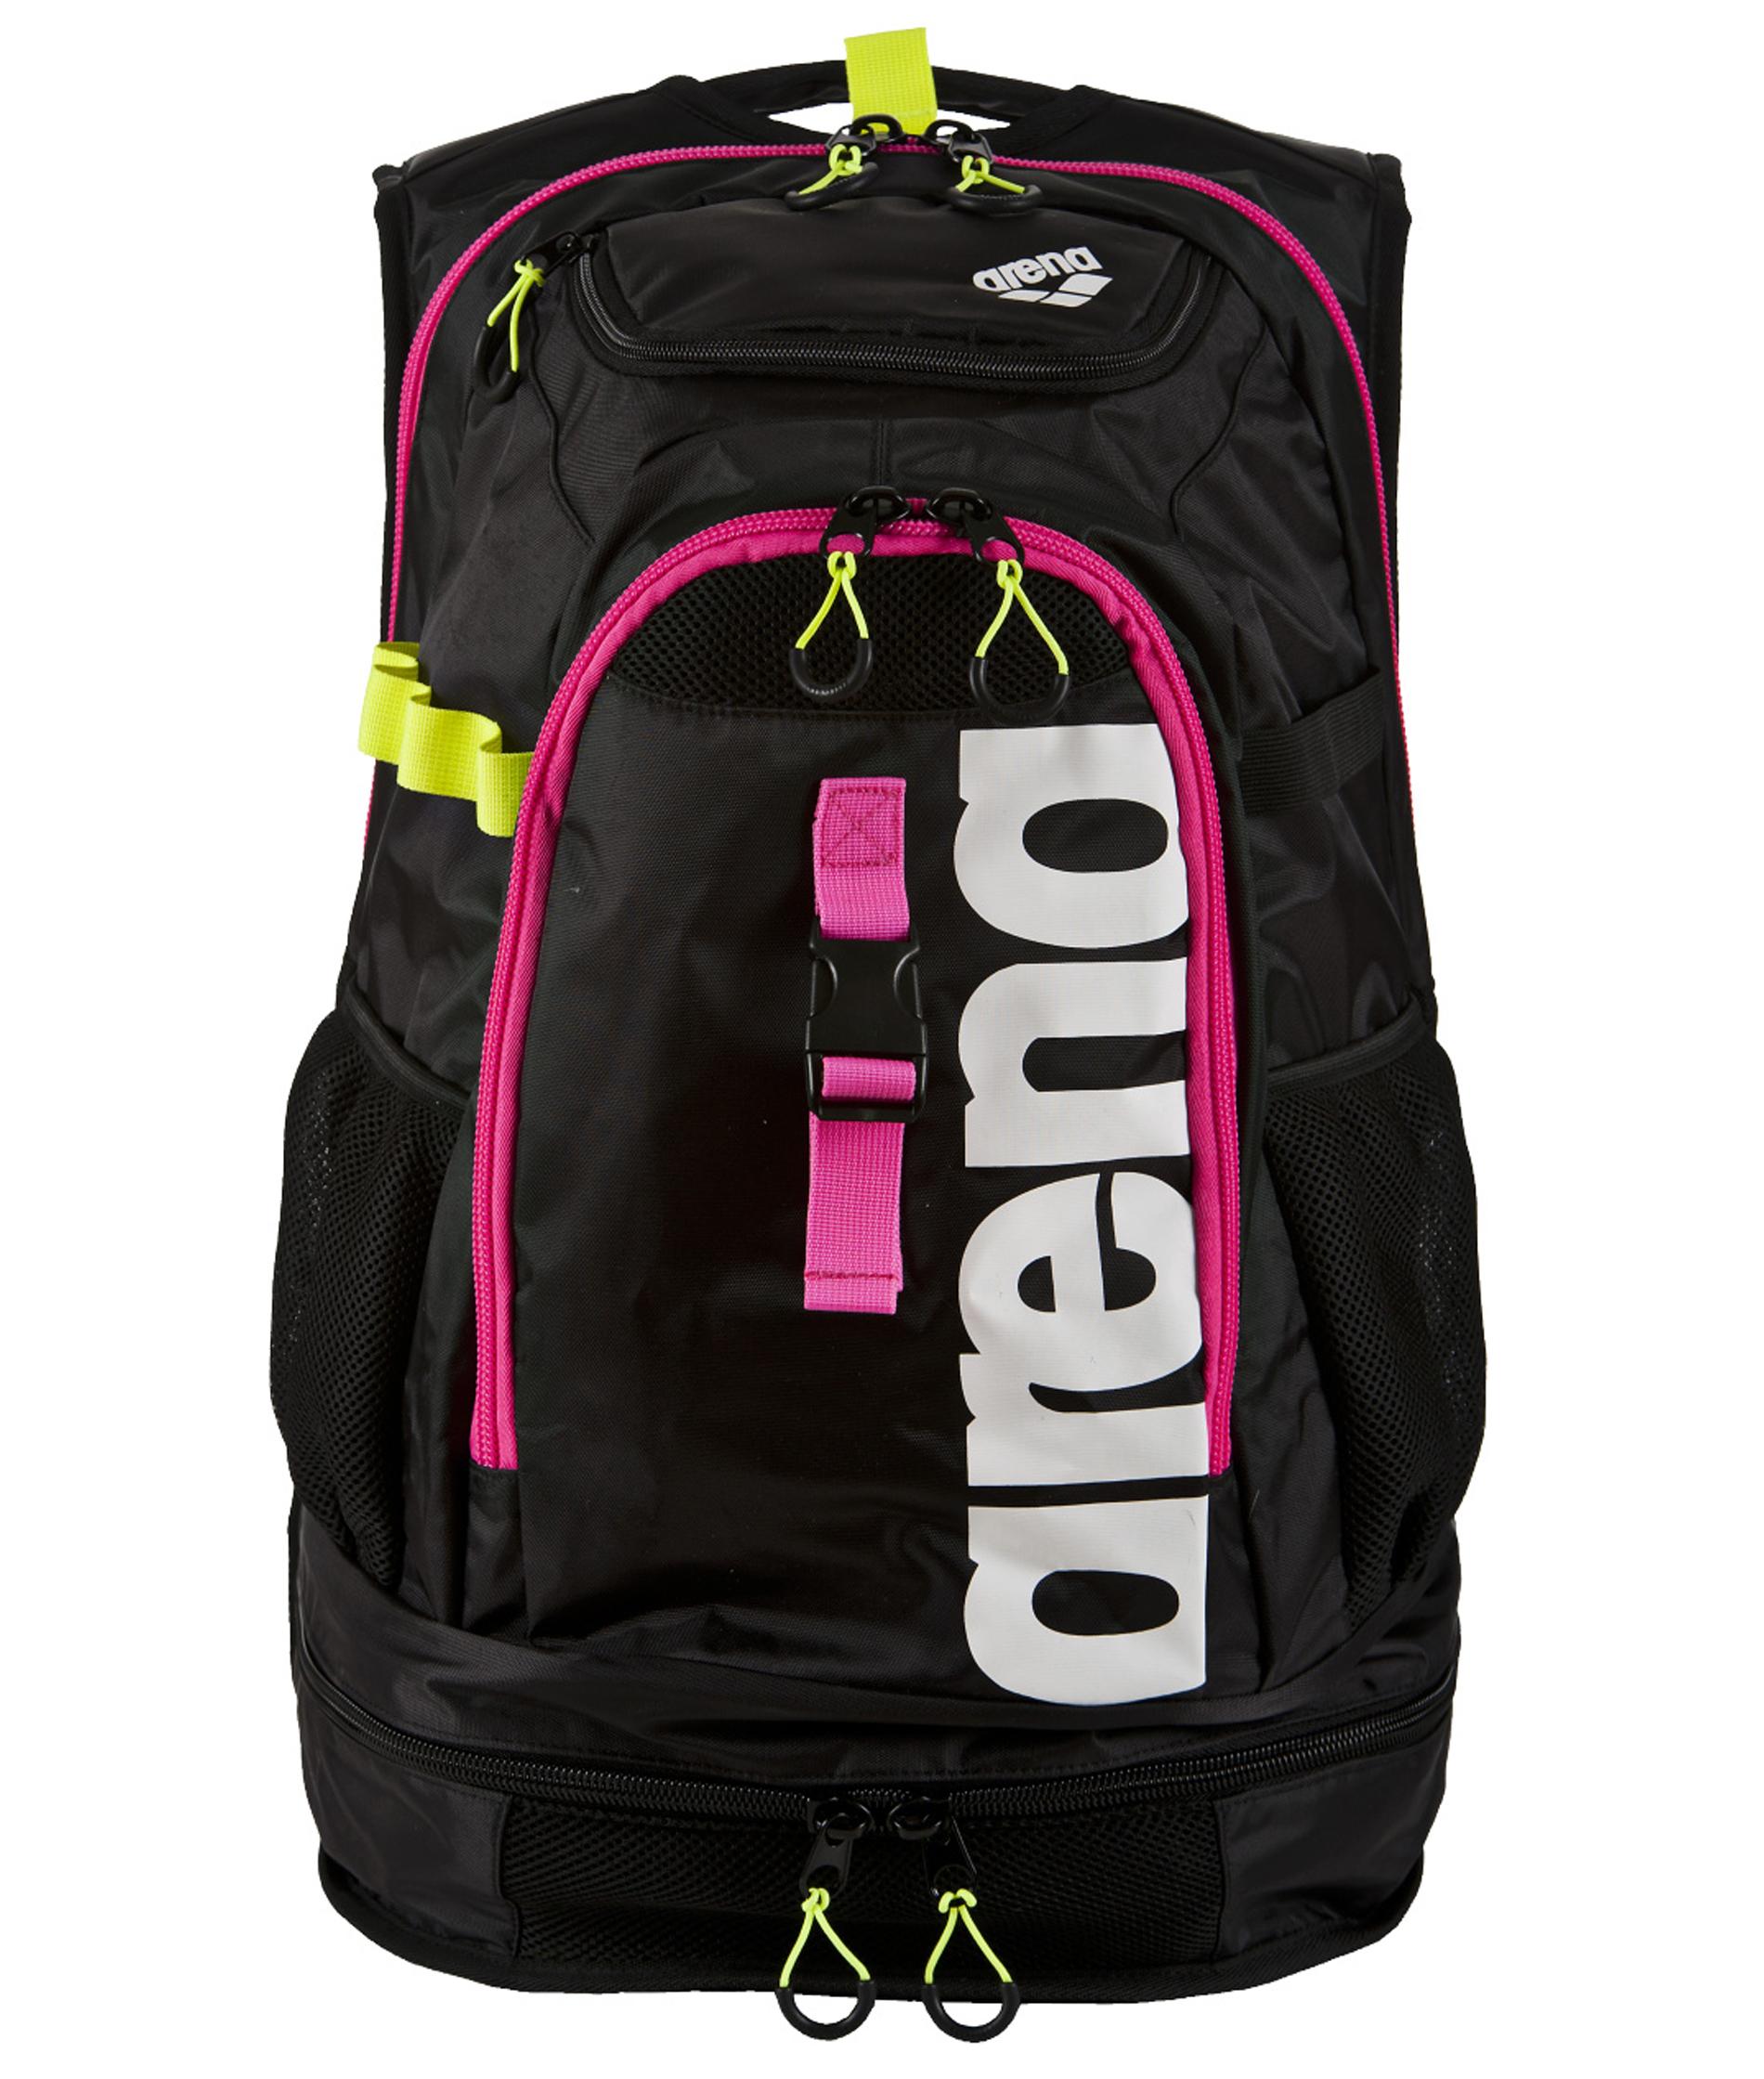 Arena Fastpack 2.1 Backpack - Black/Pink